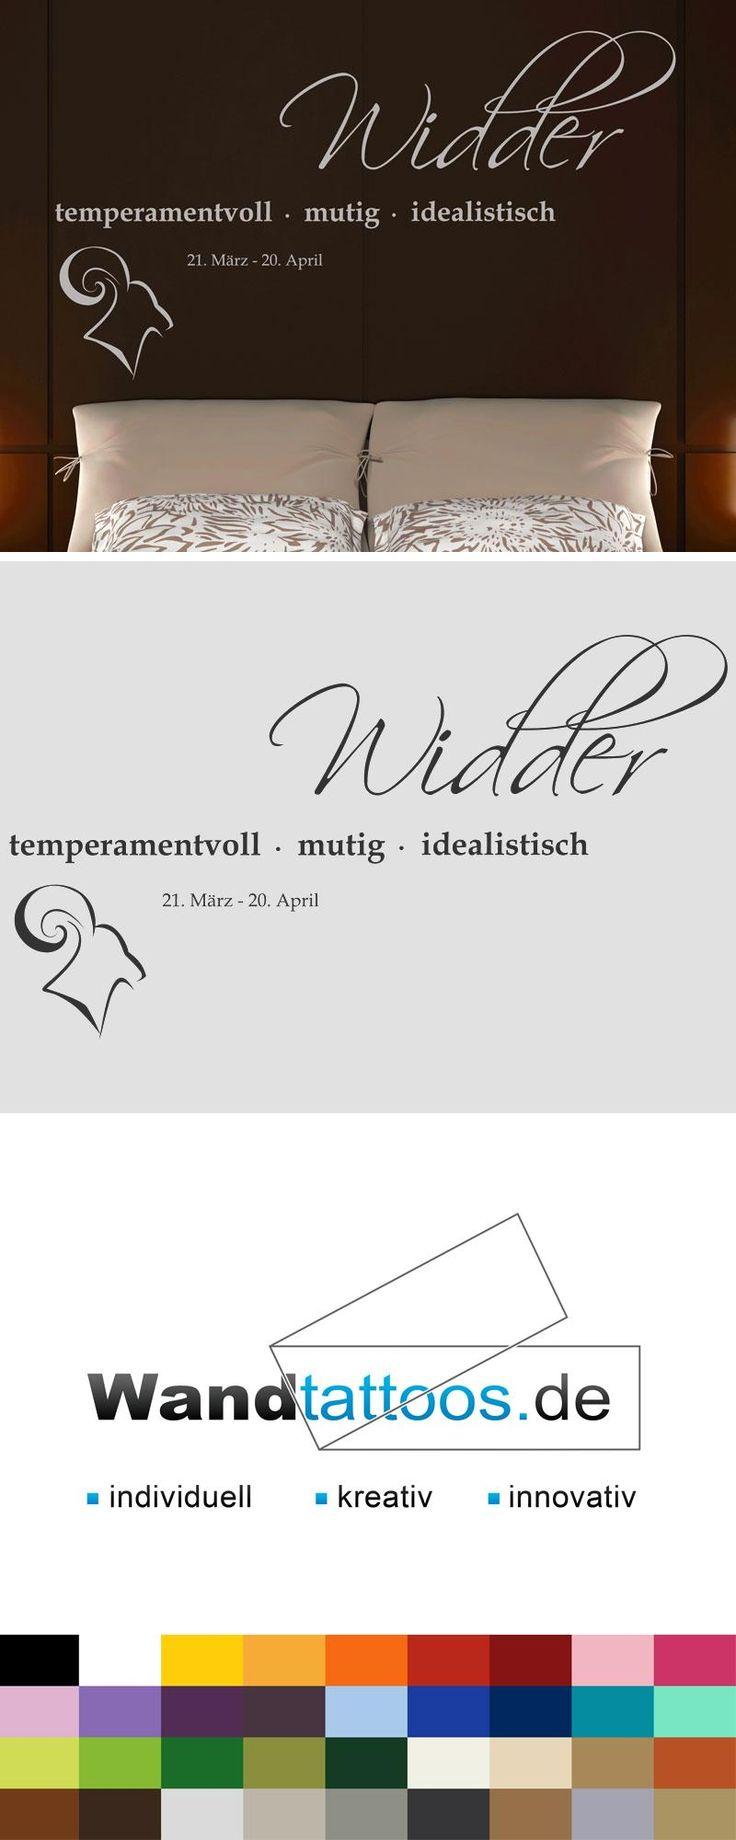 """Wandtattoo Sternzeichen """"Widder"""" als Idee zur individuellen Wandgestaltung. Einfach Lieblingsfarbe und Größe auswählen. Weitere kreative Anregungen von Wandtattoos.de hier entdecken!"""